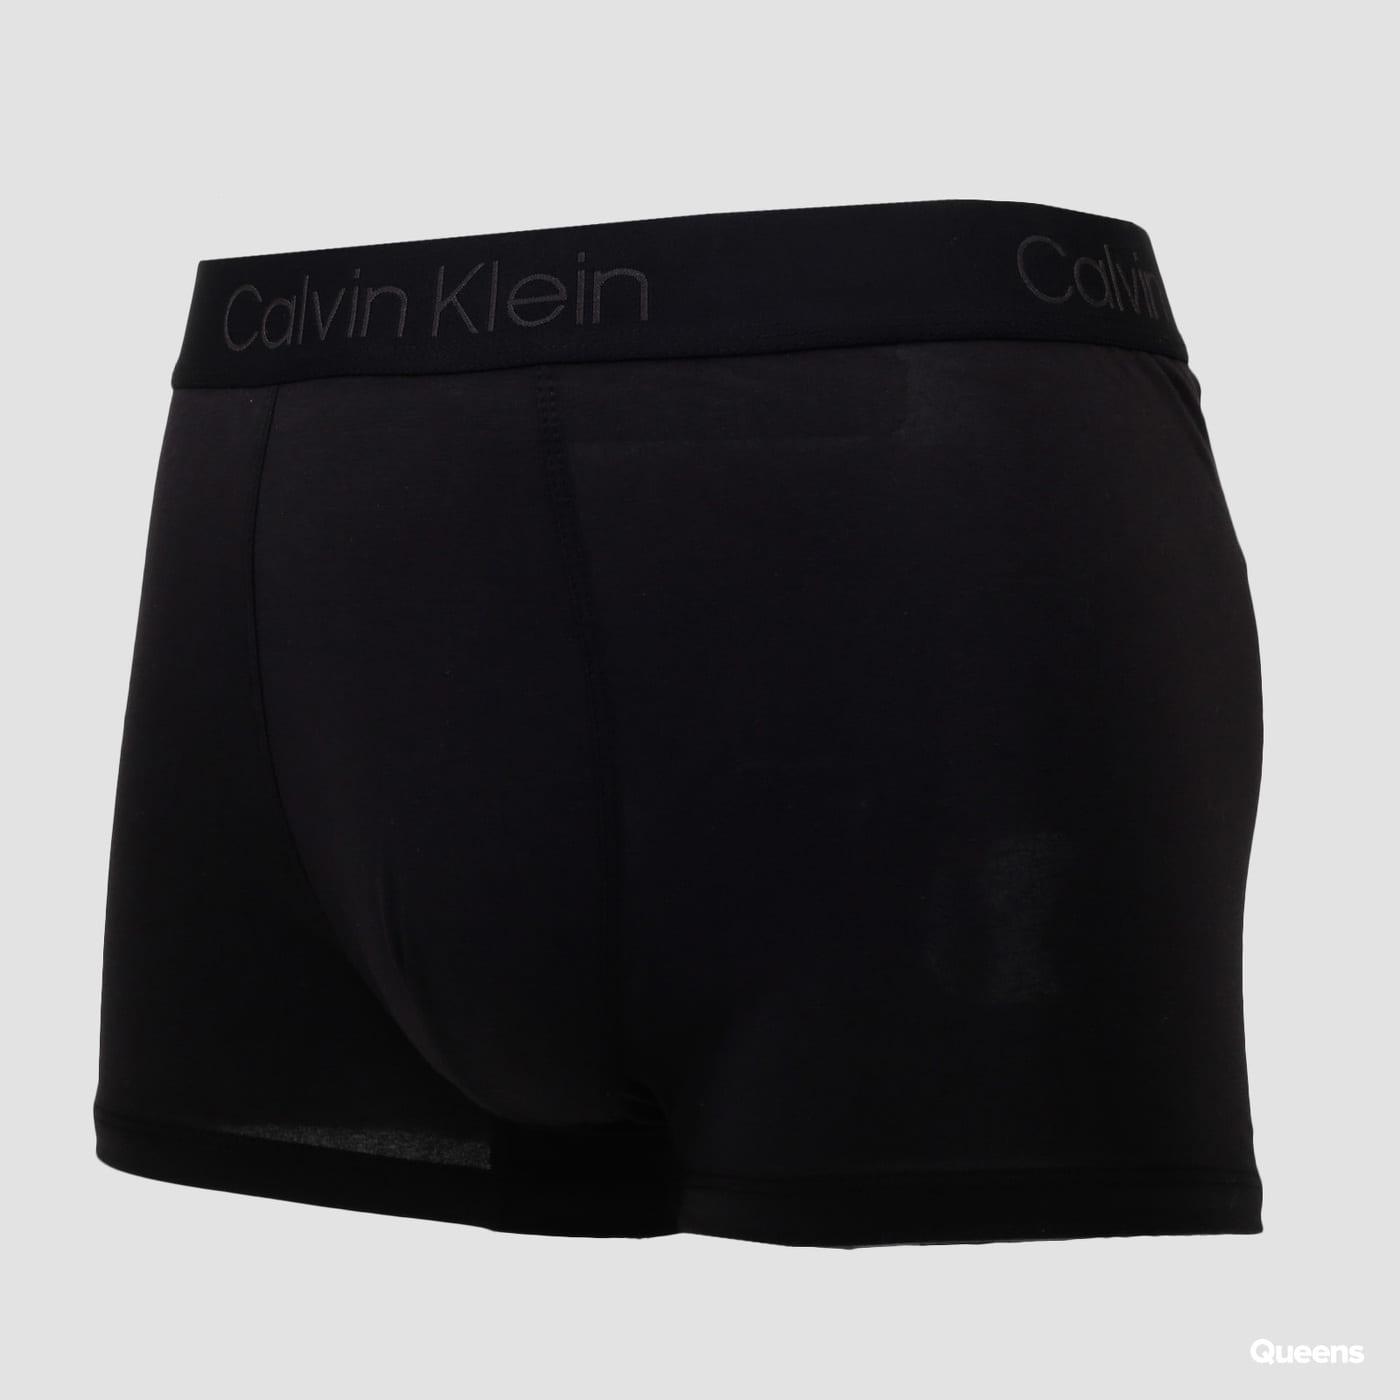 Calvin Klein Egyptian Cotton Trunk C/O čierne